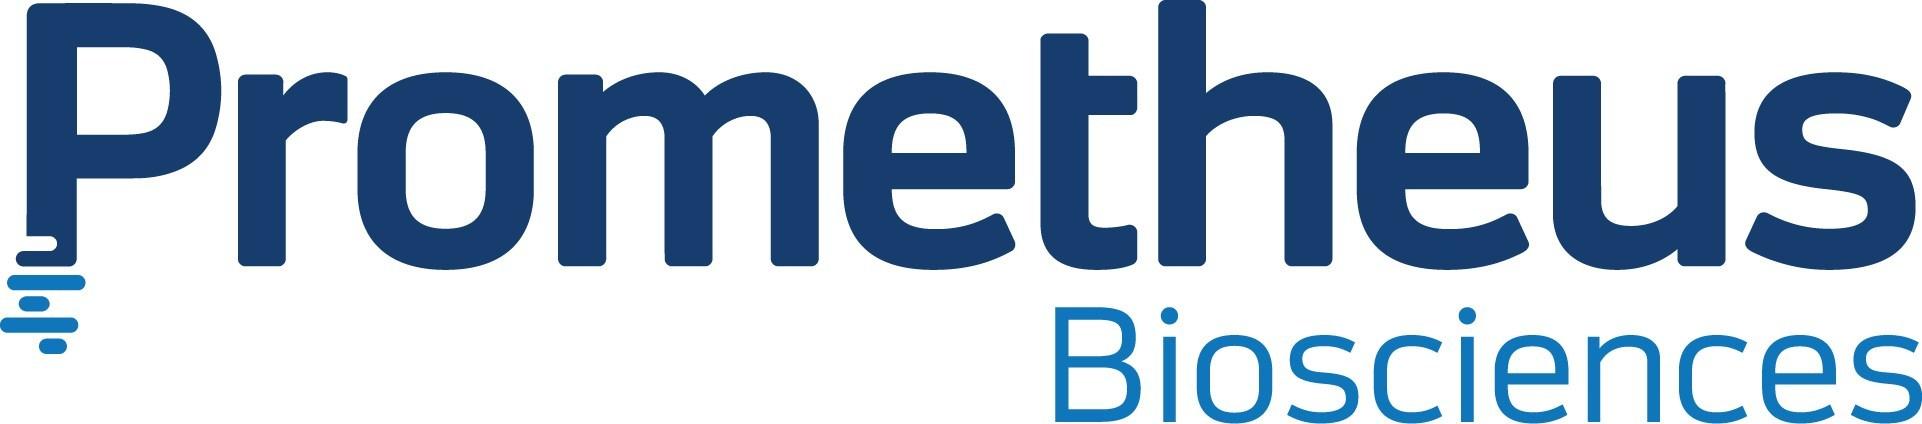 IPO Prometheus Biosciences